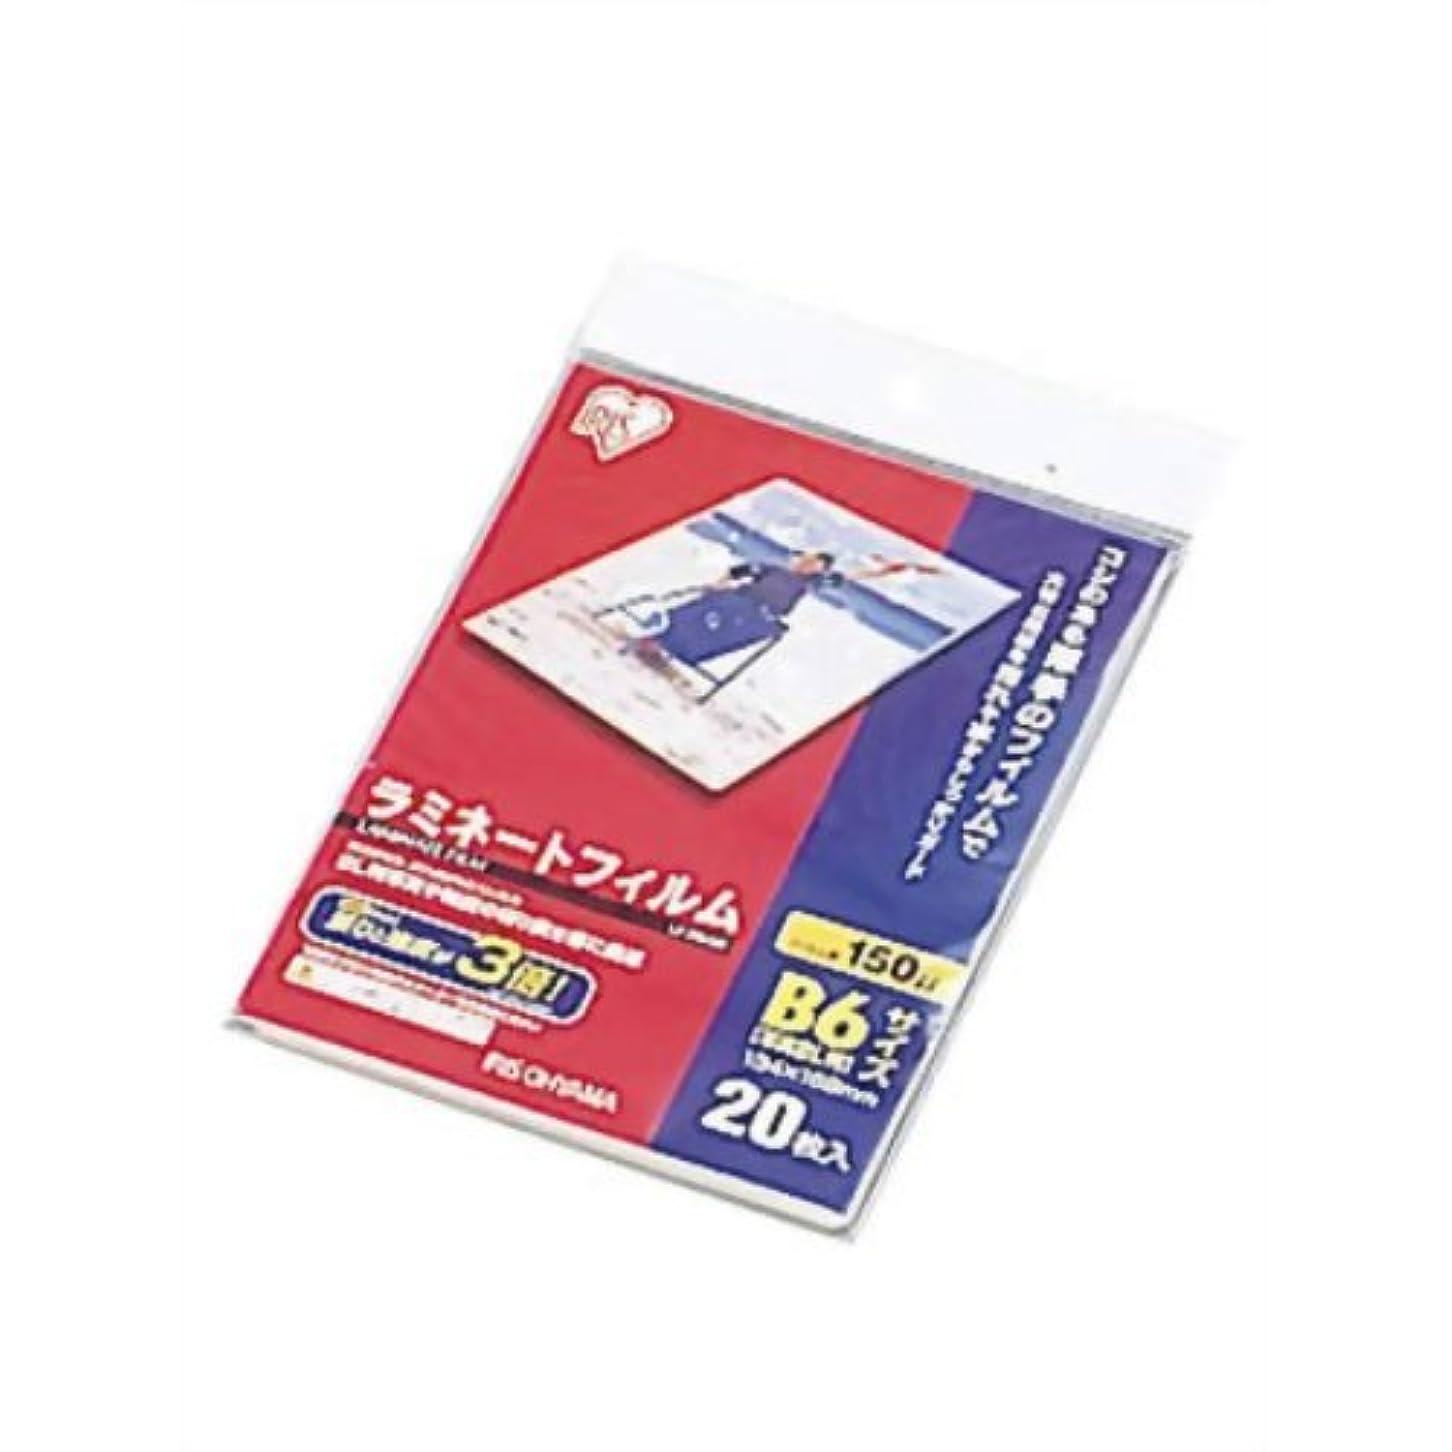 広告心臓干ばつアイリスオーヤマ ラミネートフィルム 150ミクロン B6 20枚